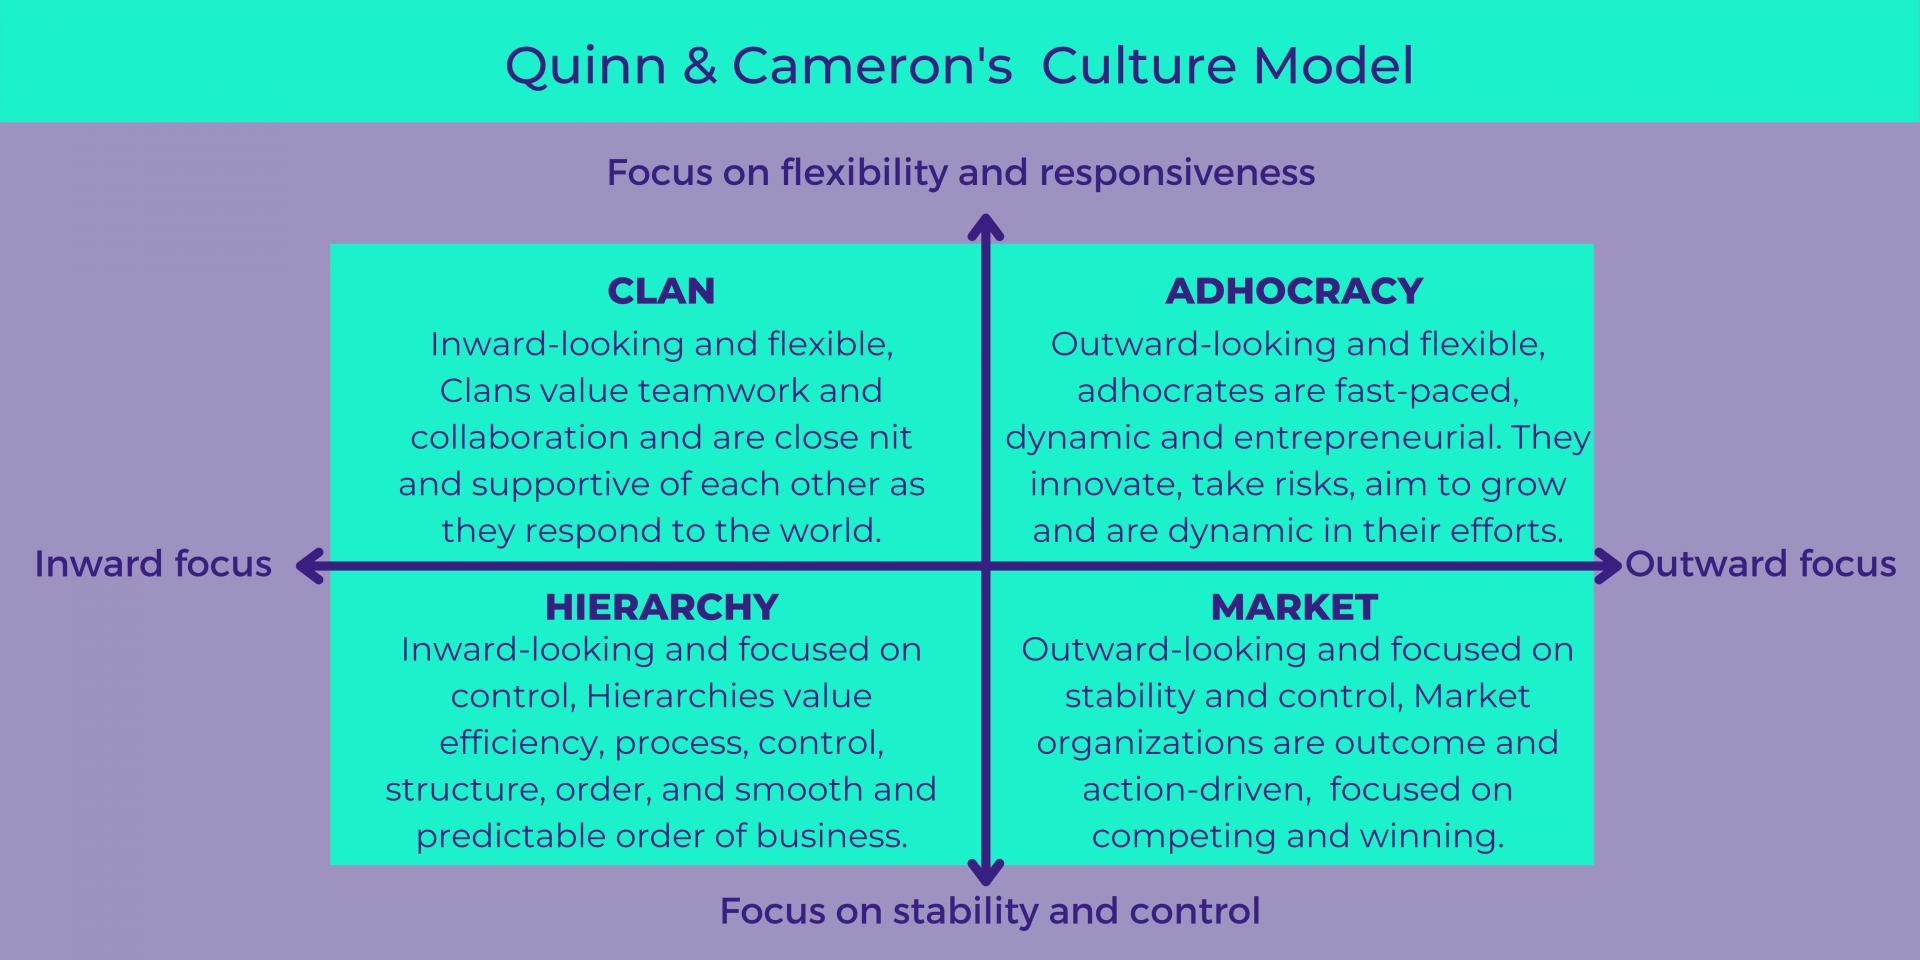 Quinn & Cameron's Culture Model